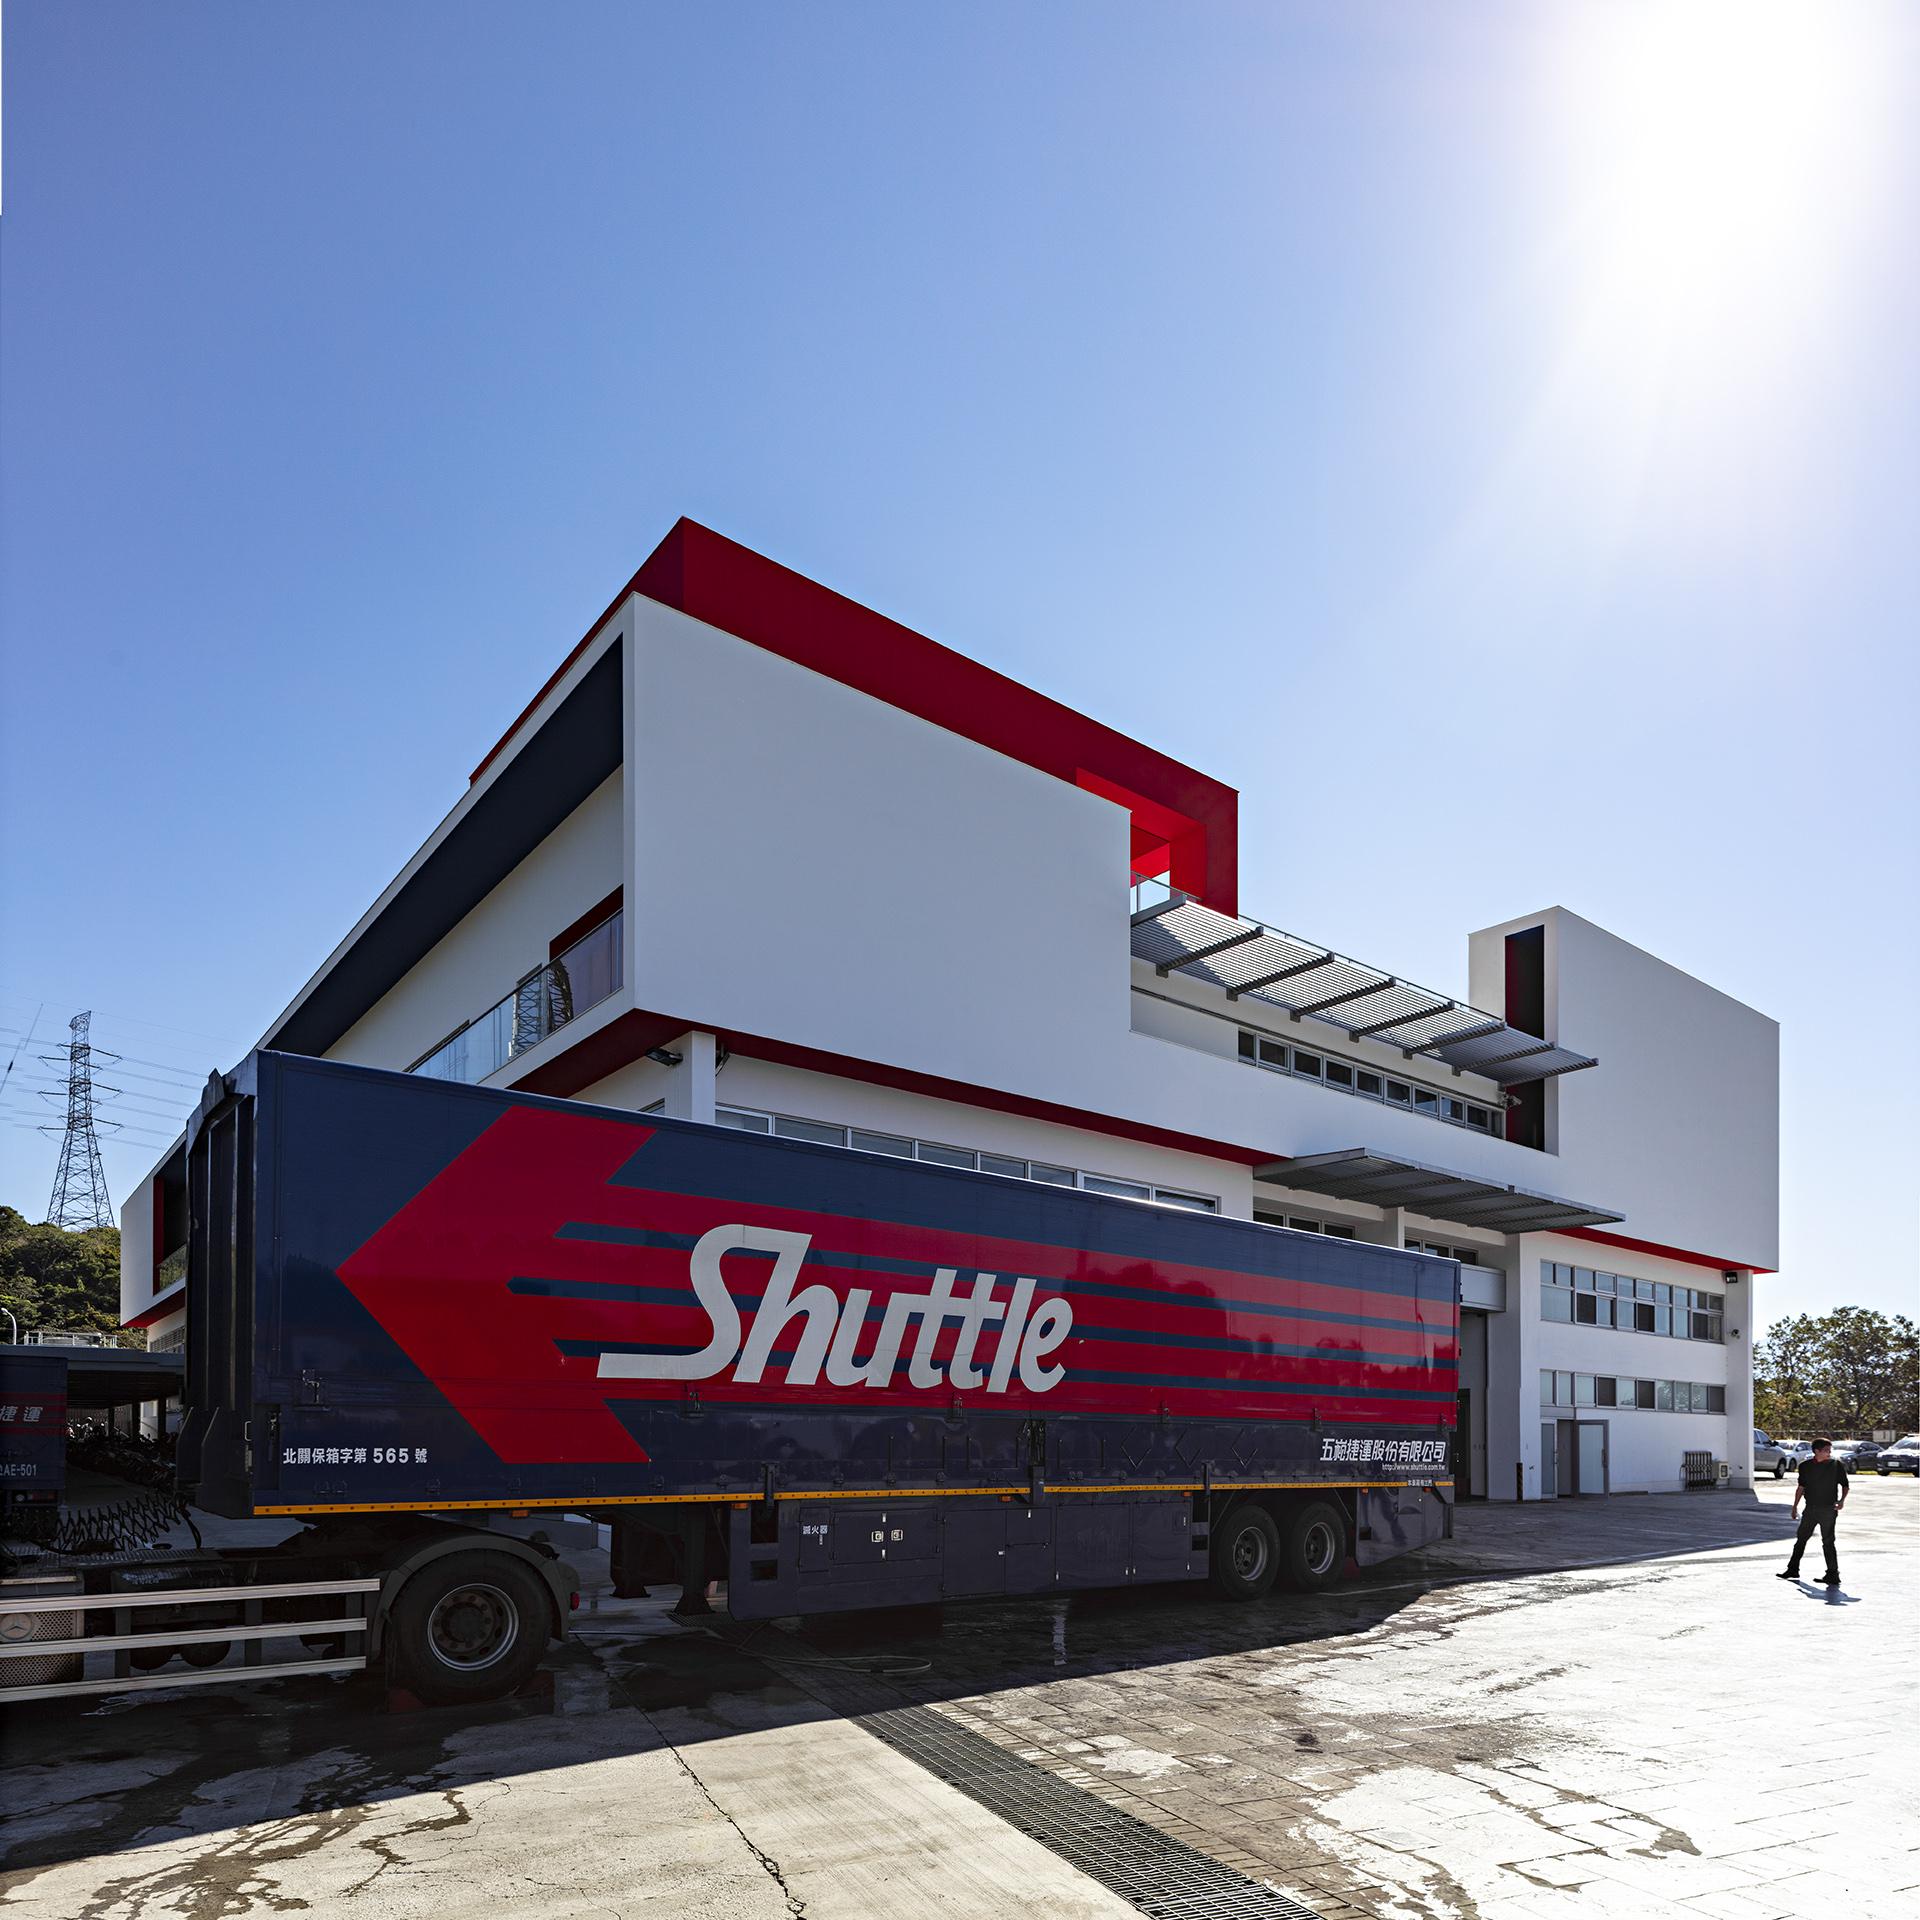 shuttle042